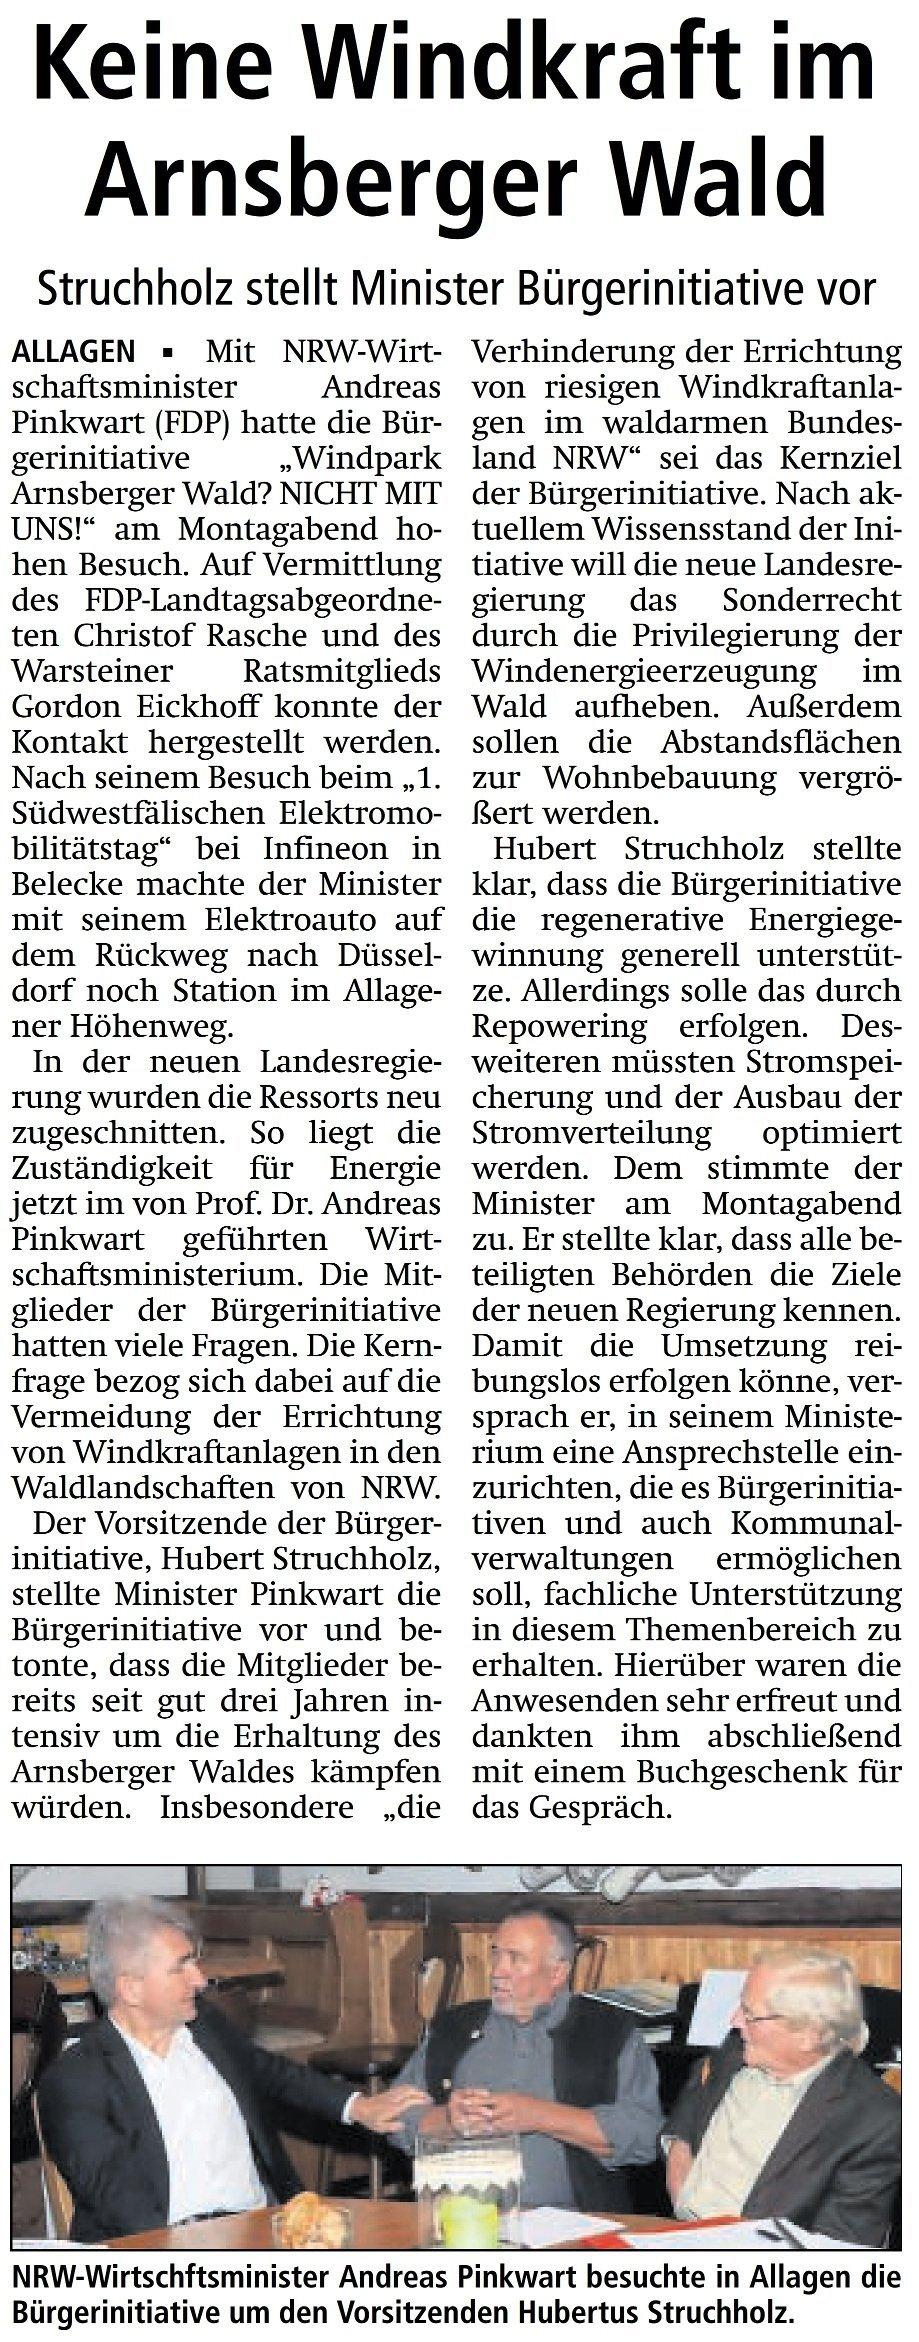 Keine Windkraft im Arnsberger Wald (28.09.17)